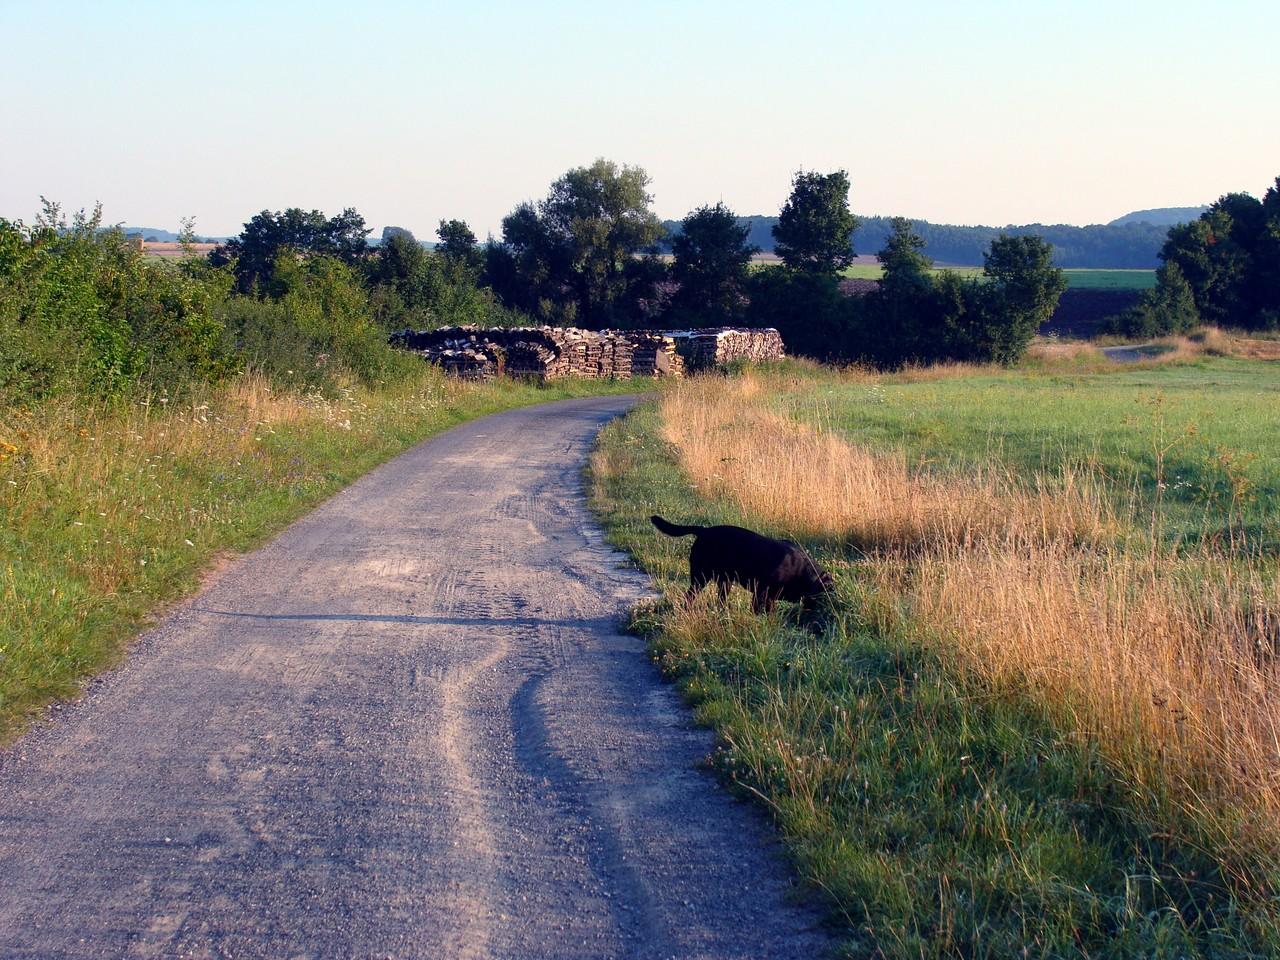 Spaziergang mit Basco. Vom Stellplatz aus rechts geht es ins Feld und zum Wald.